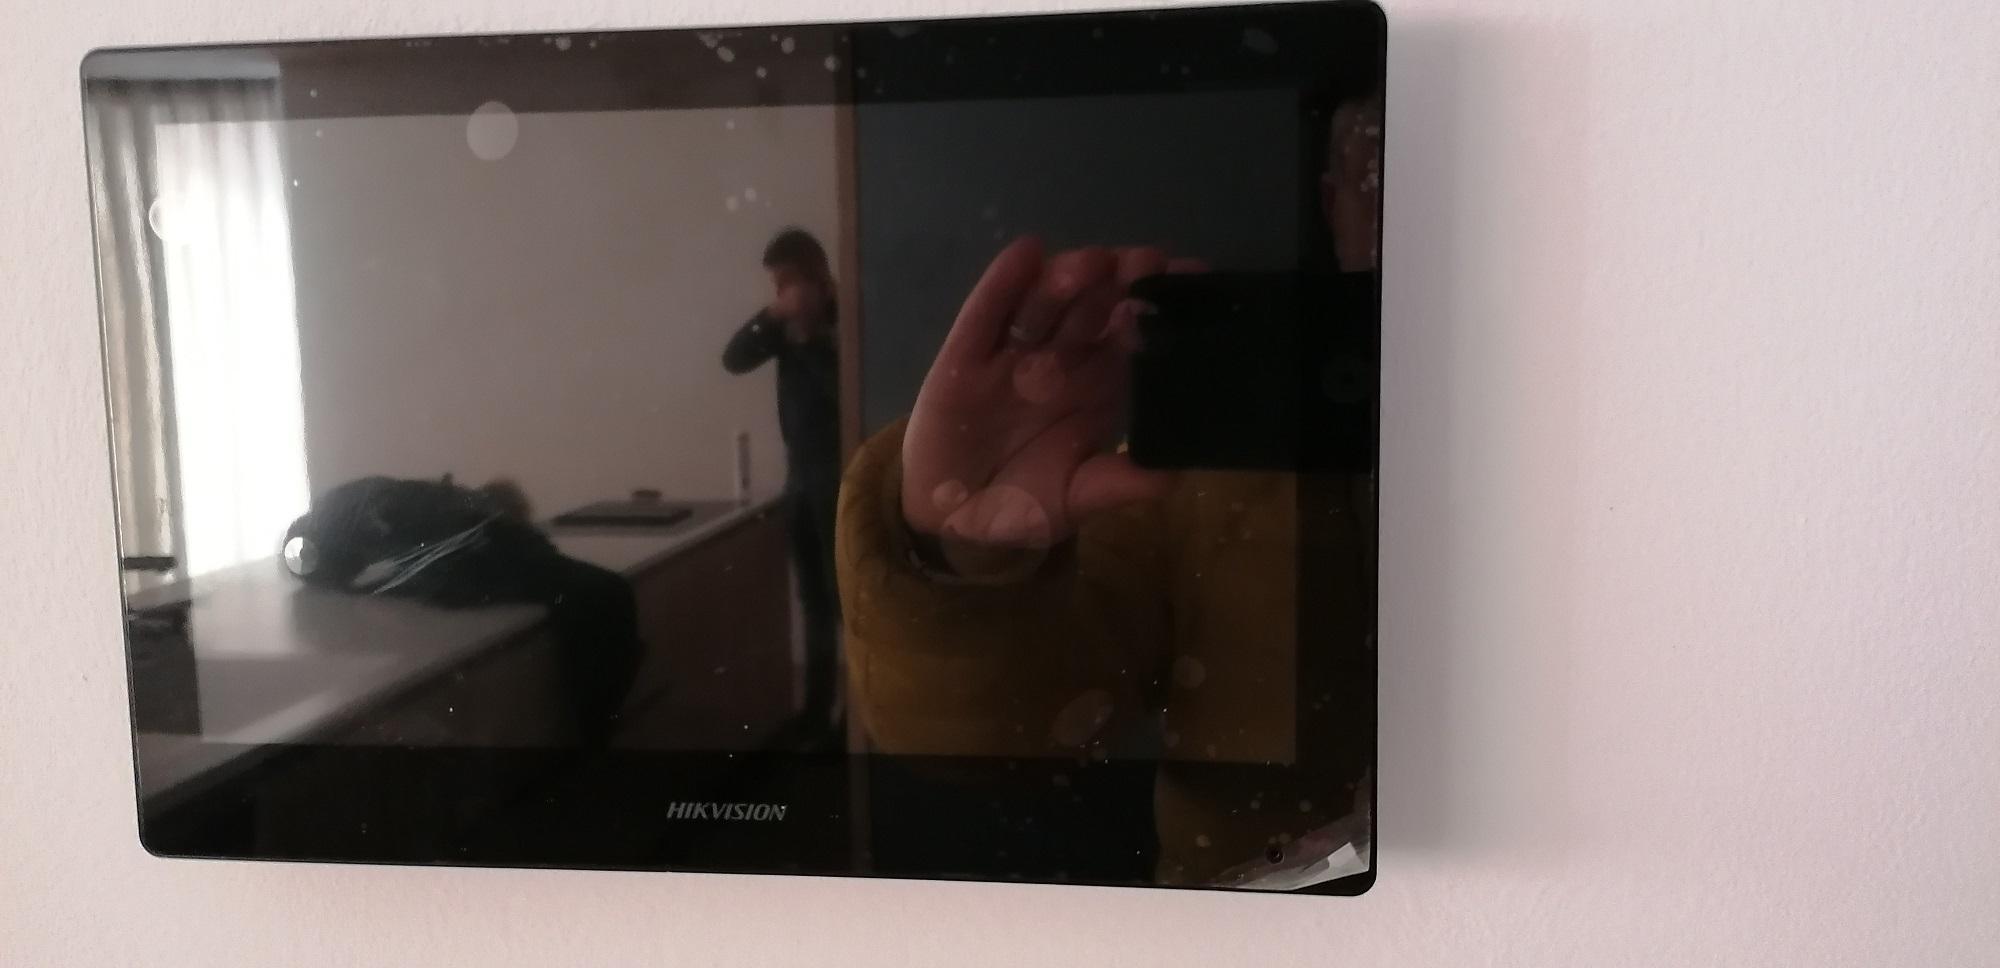 Videovrátniky